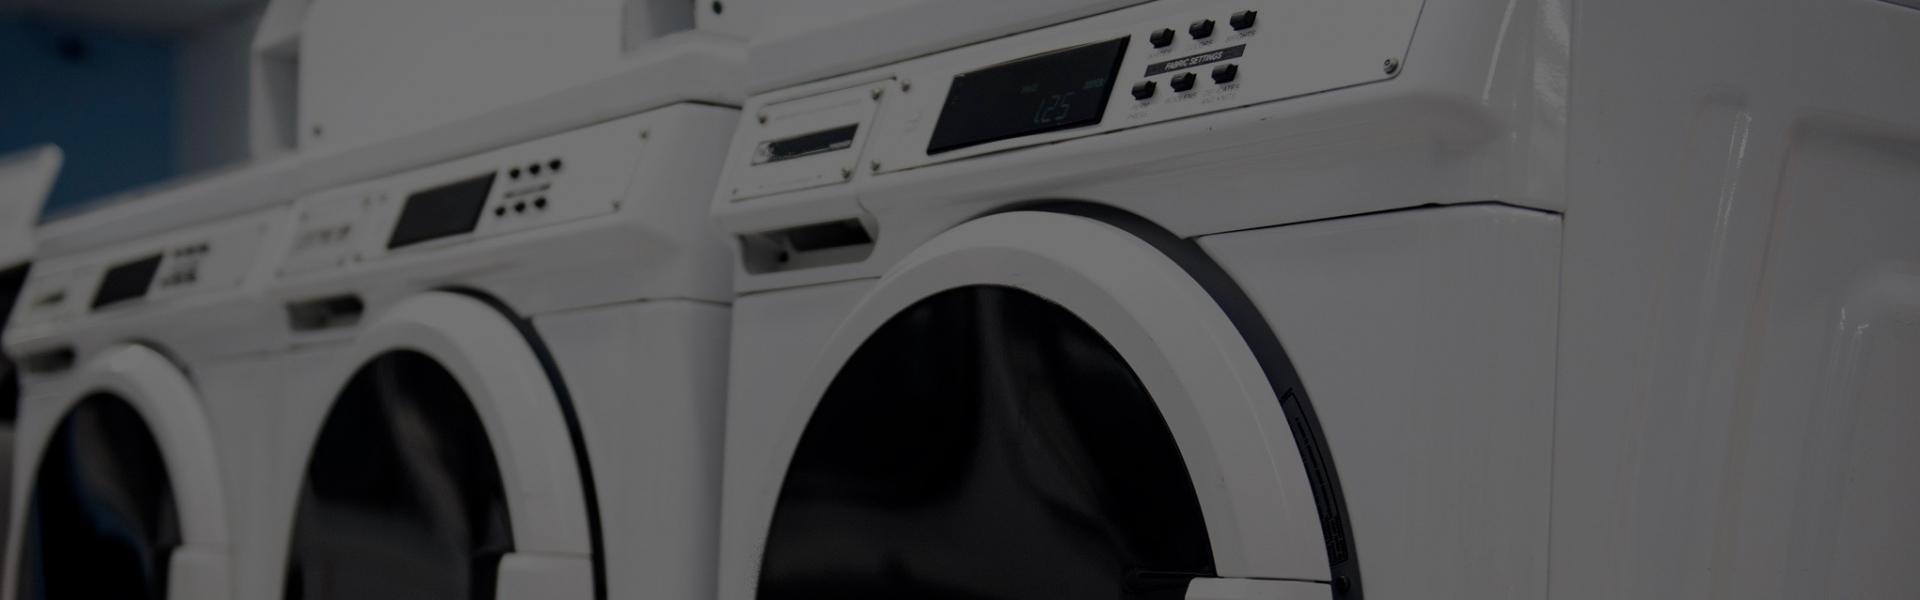 Nous installons des laveries dans des résidences